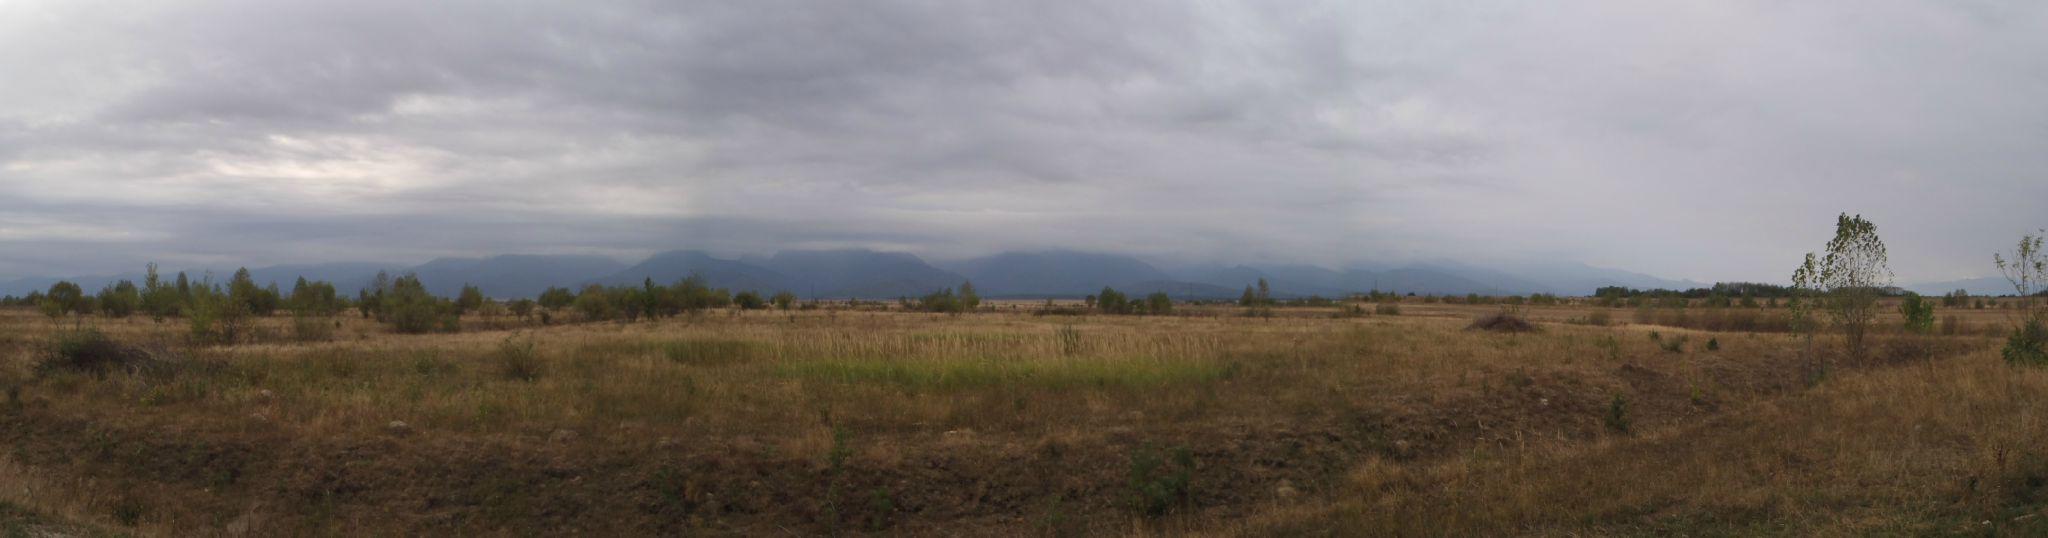 roumanie - les fagaras - temps orageux